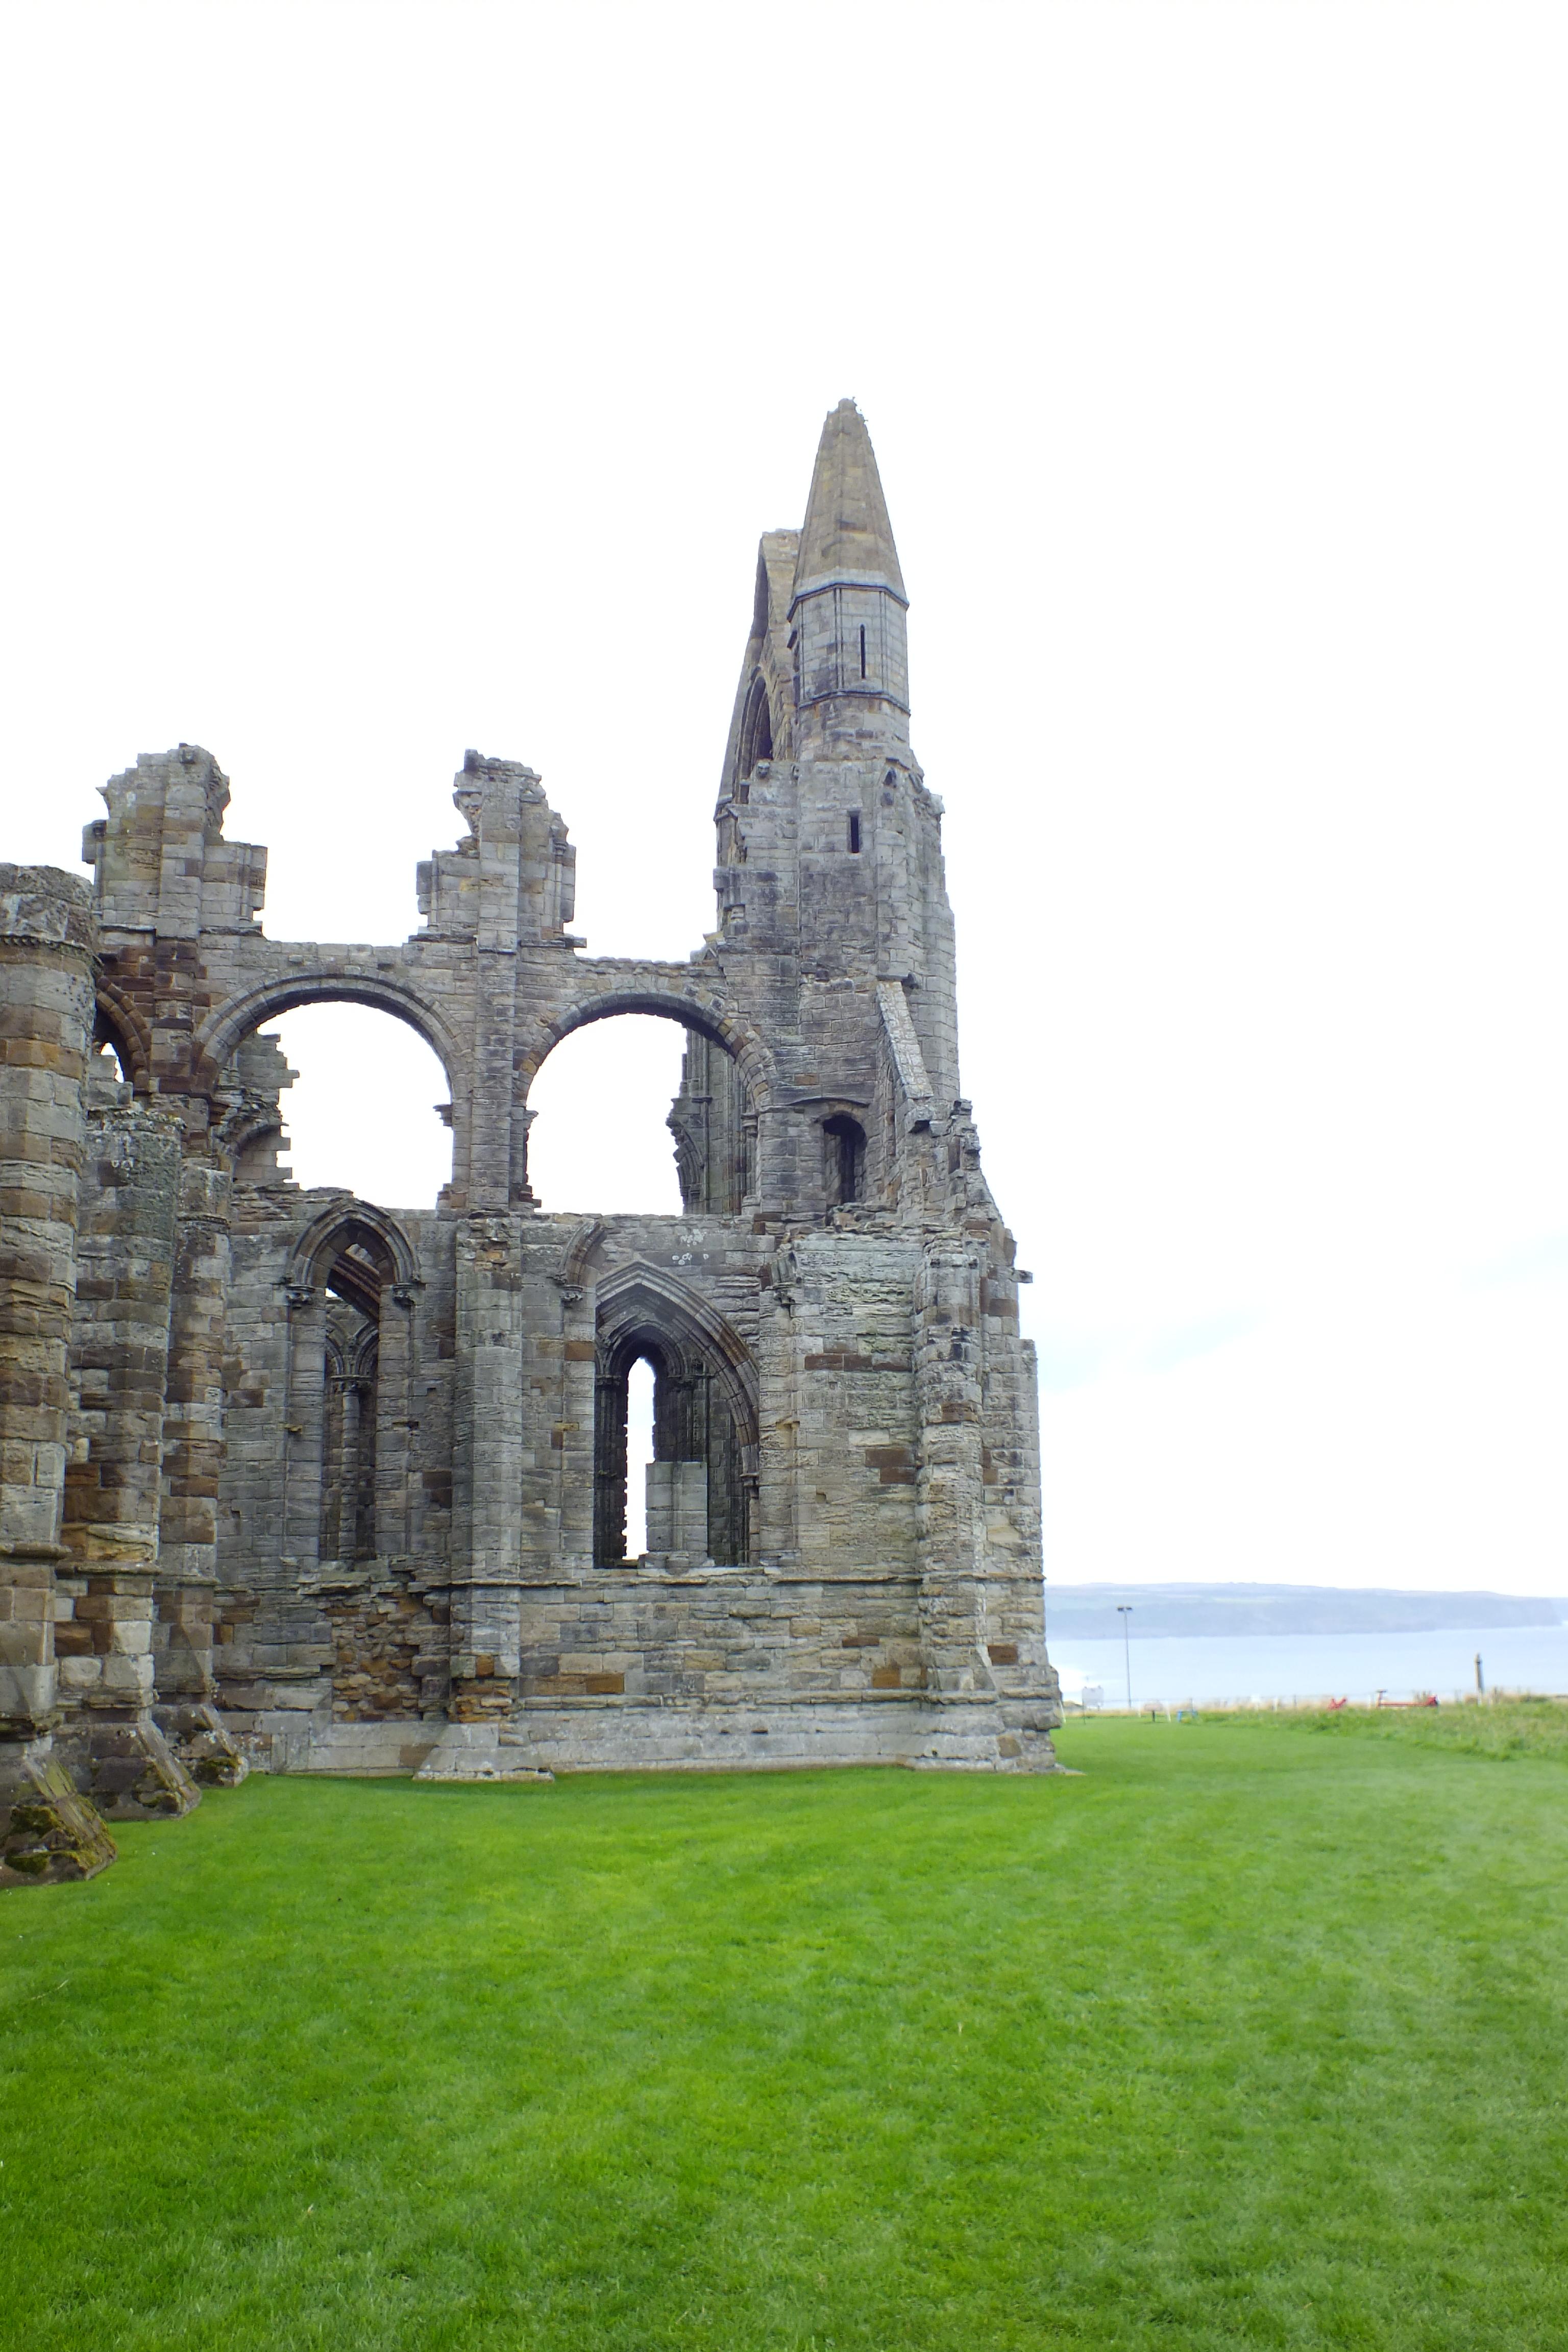 Abbey Ruins, Abbey, Church, Ruins, Tower, HQ Photo